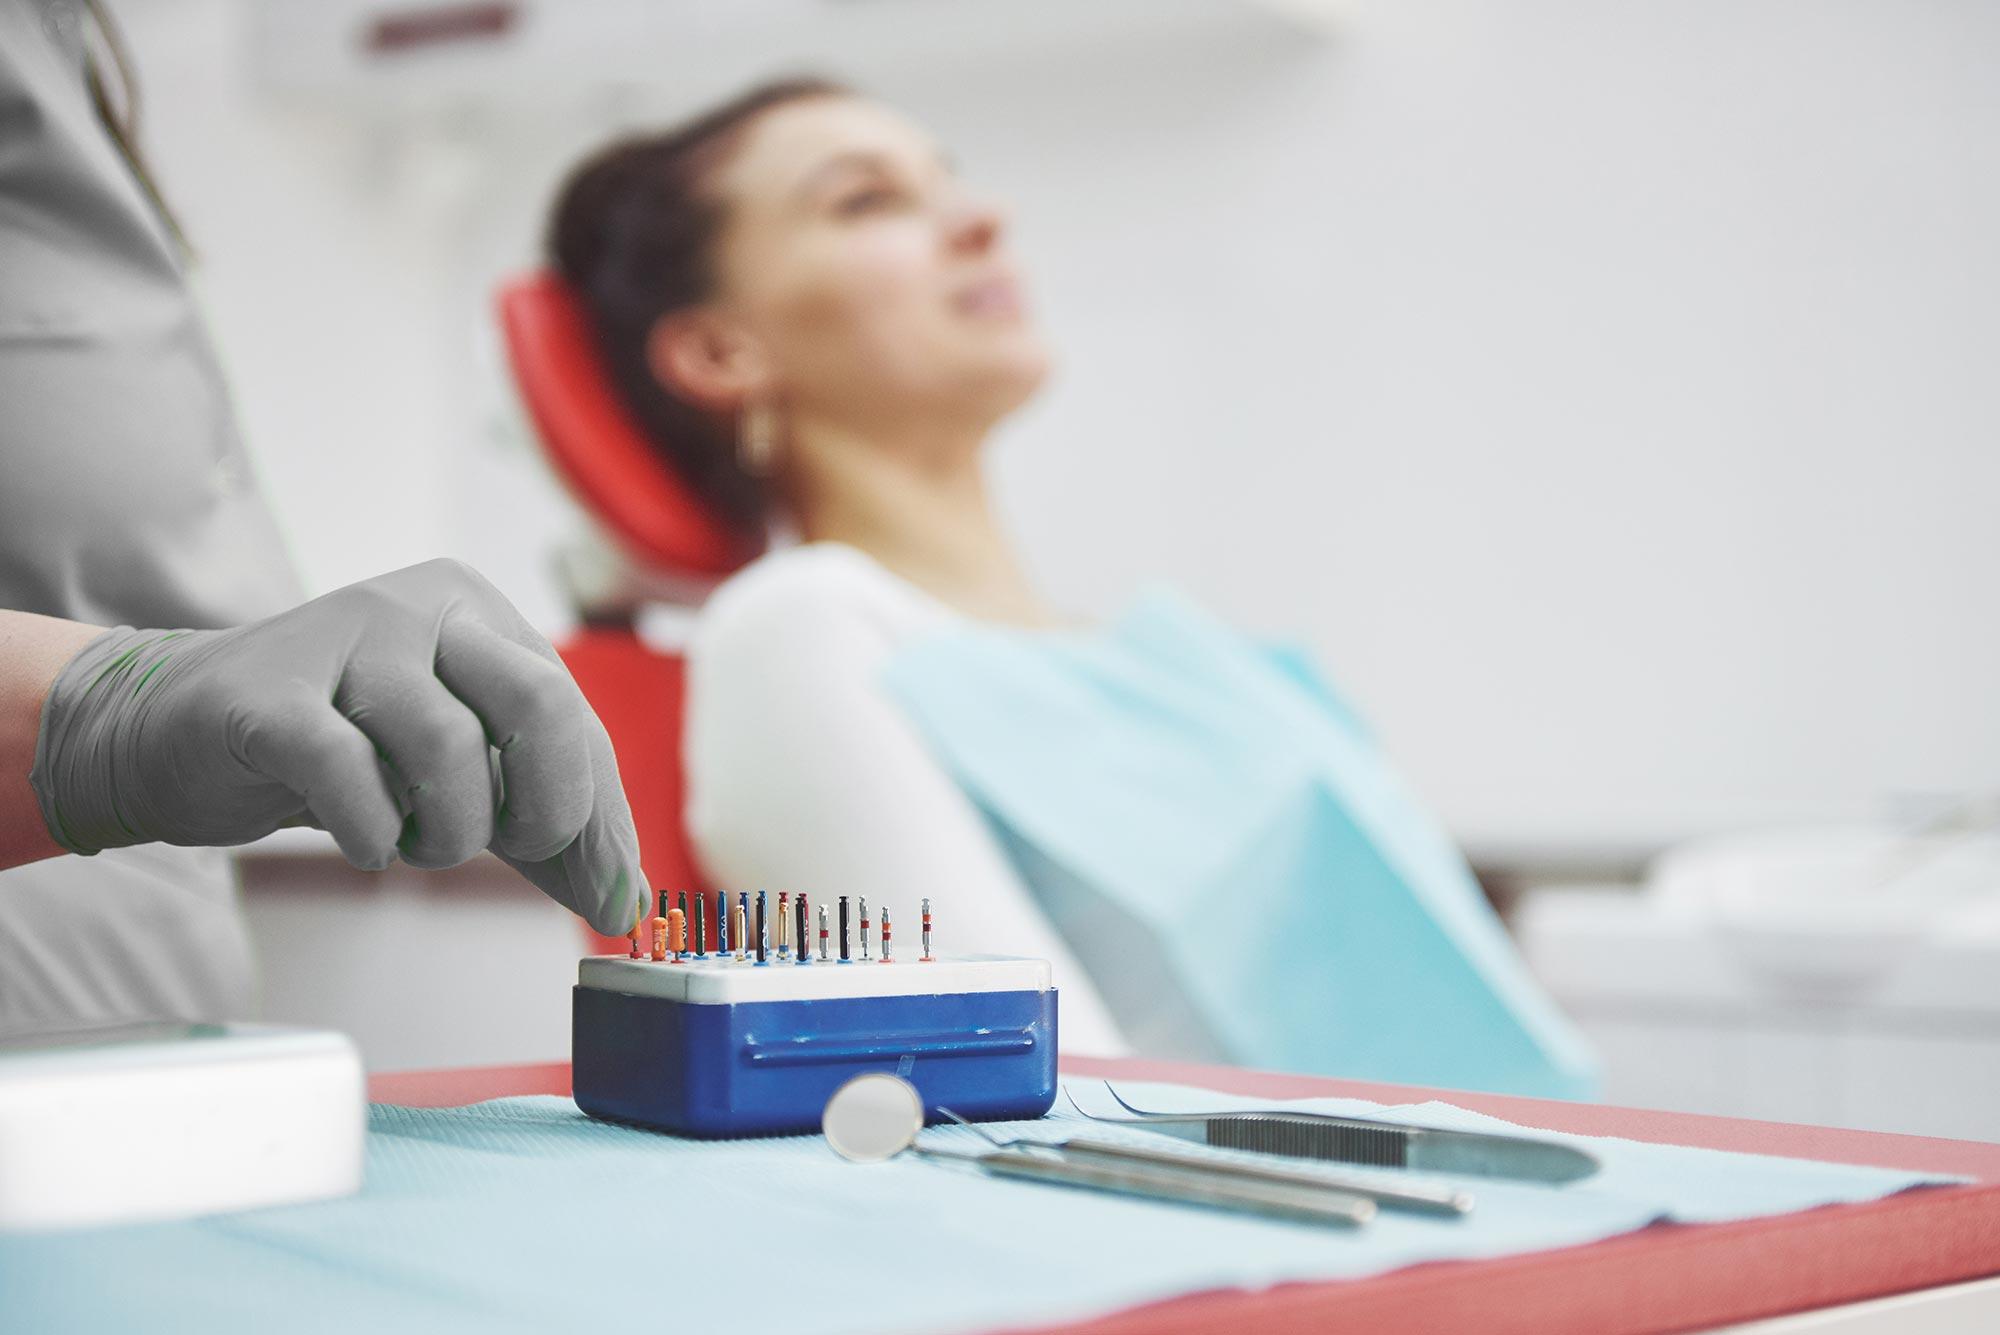 植牙流程是不是都要很久?淺談植牙手術流程